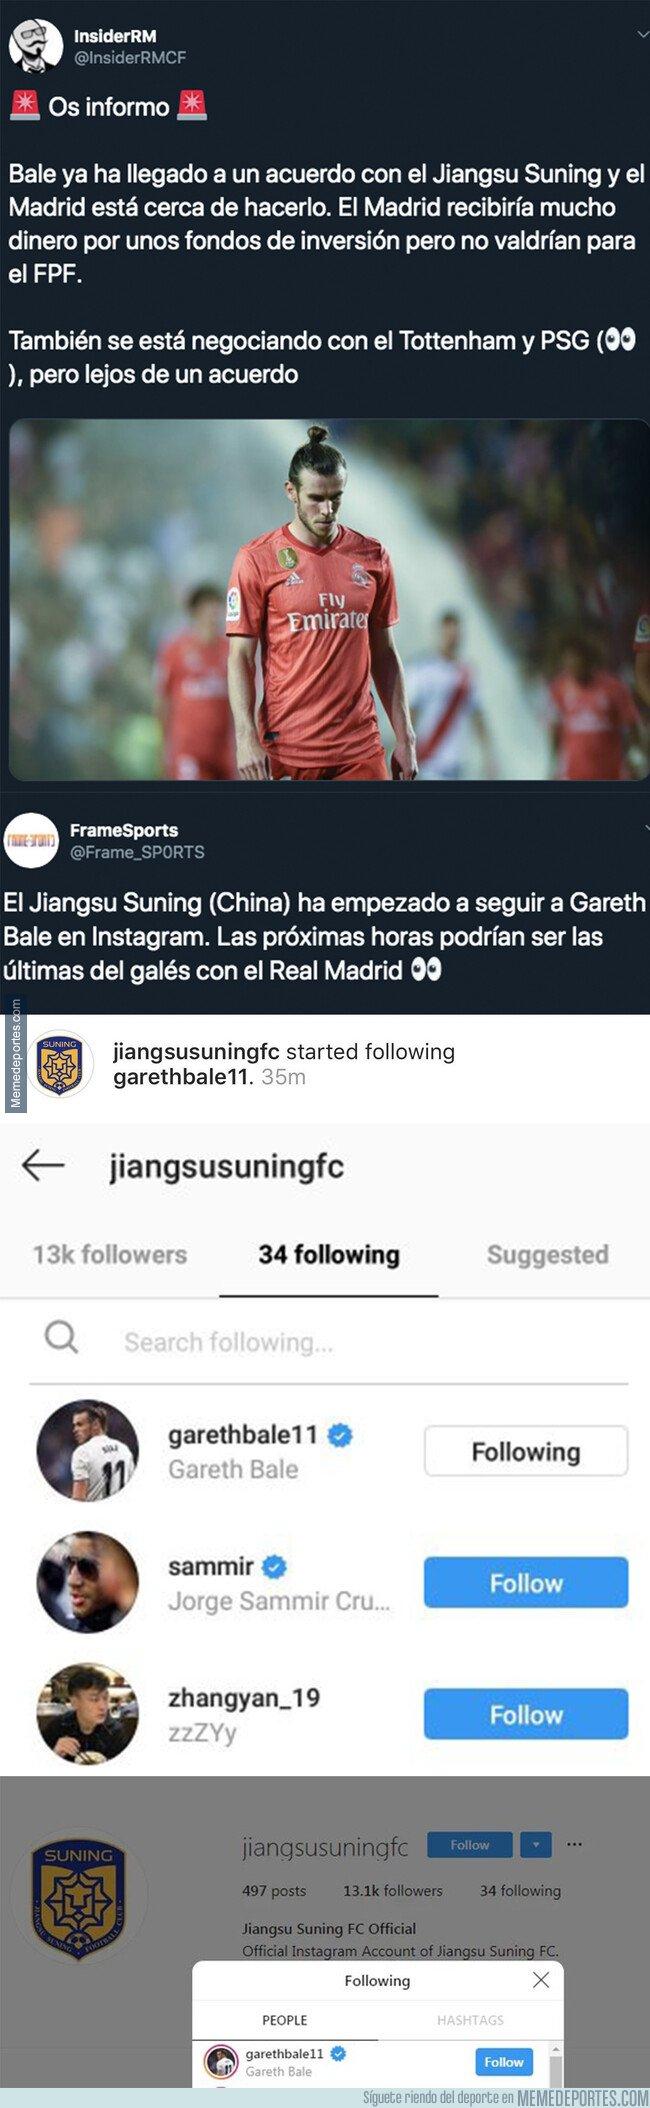 1081713 - Ya se sabe en qué equipo chino jugará Bale por el último follower que tiene en Instagram